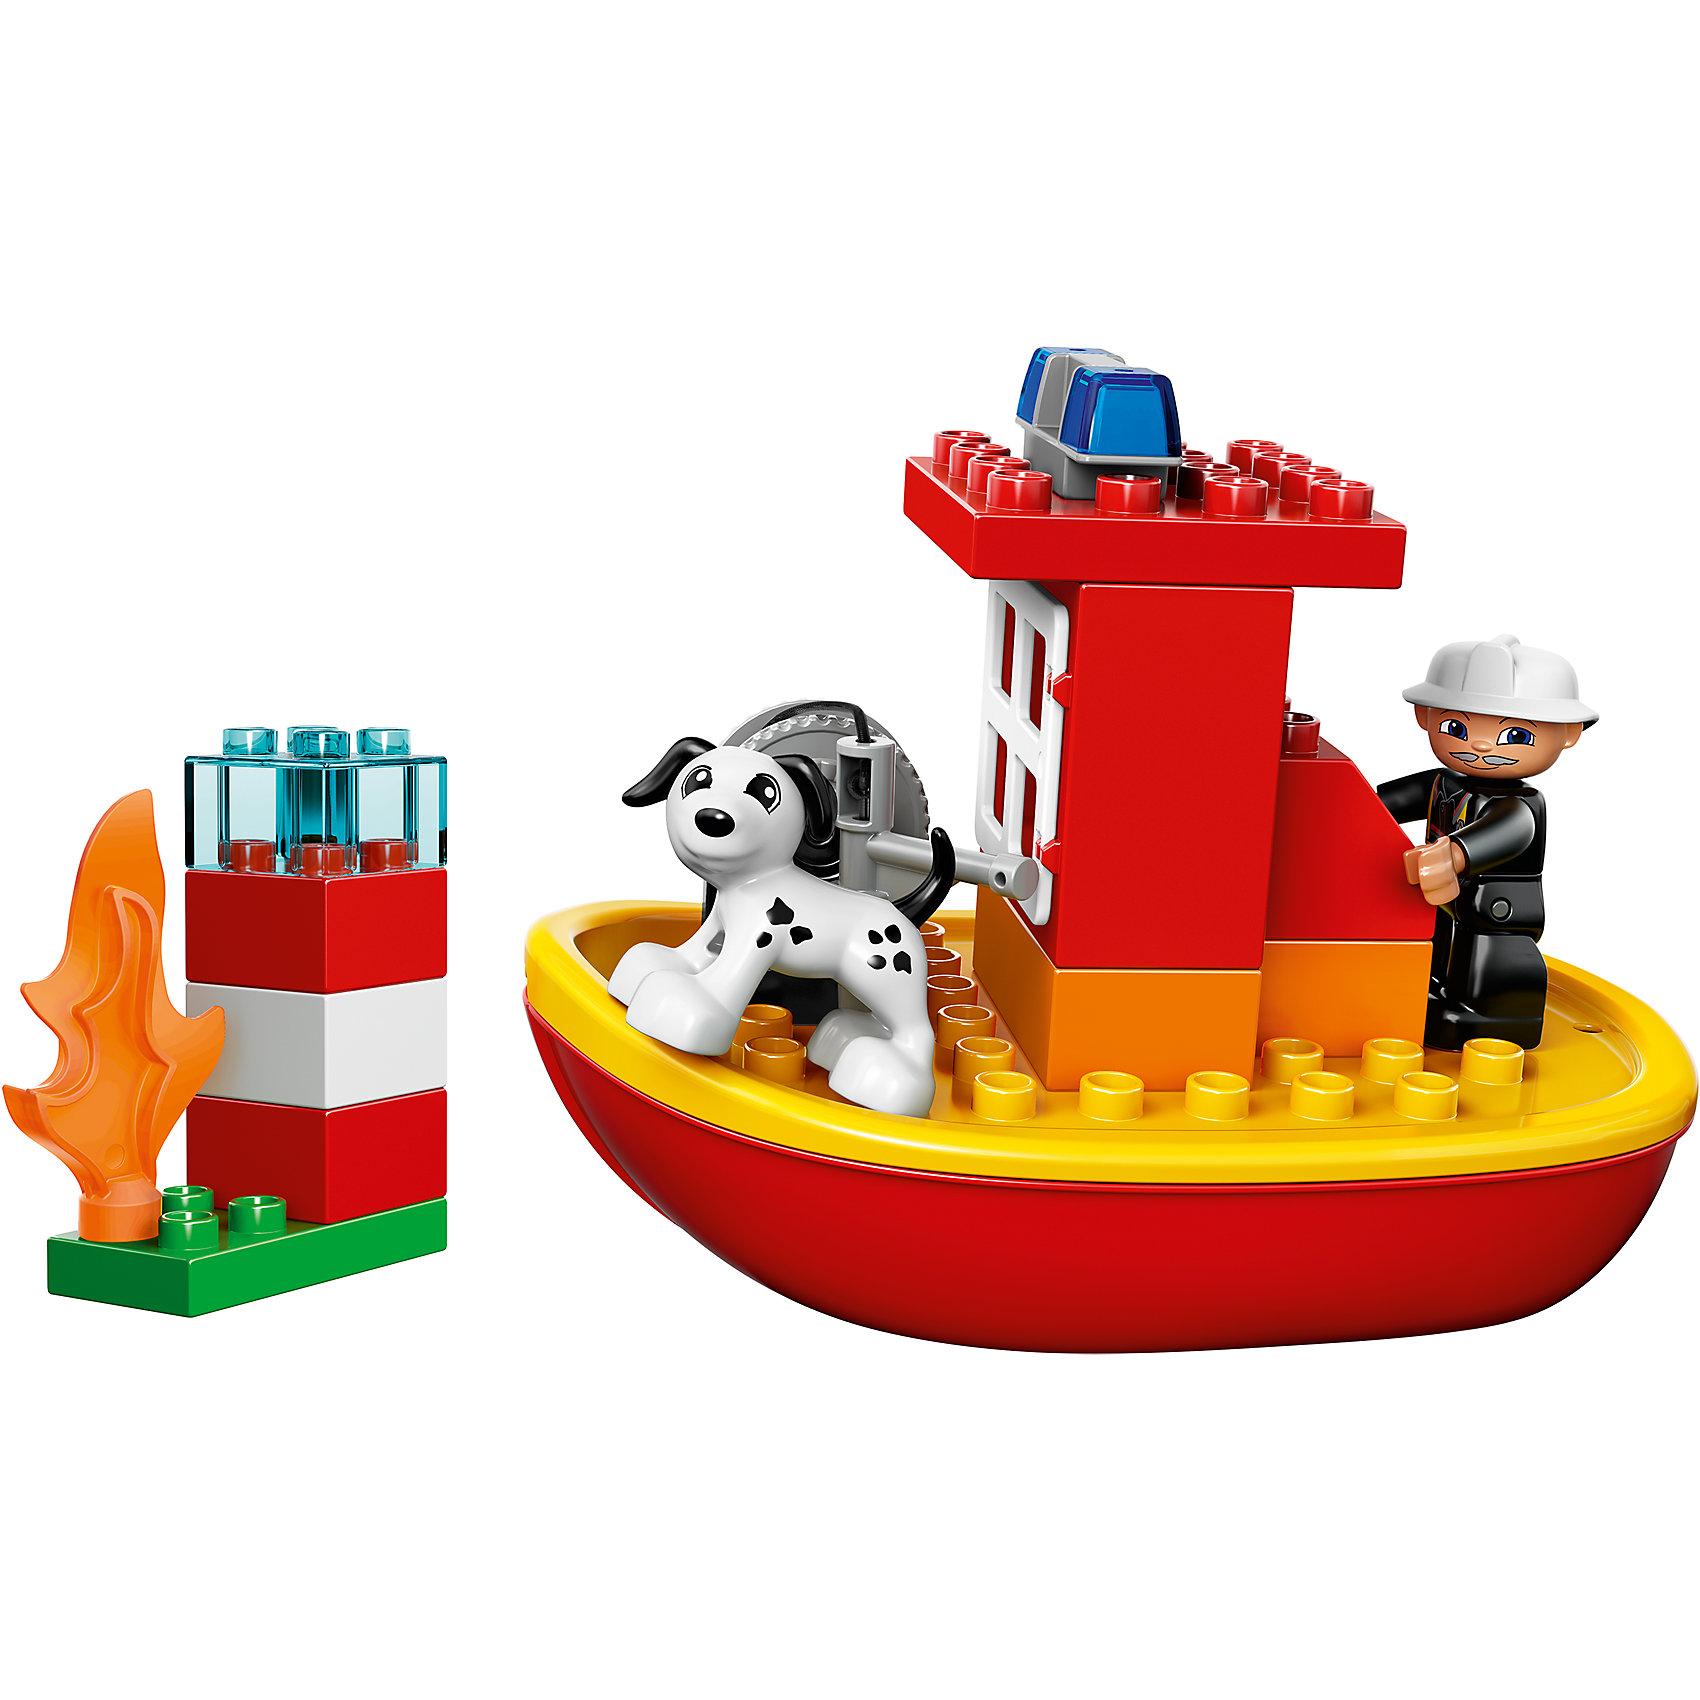 LEGO DUPLO 10591: Пожарный катер